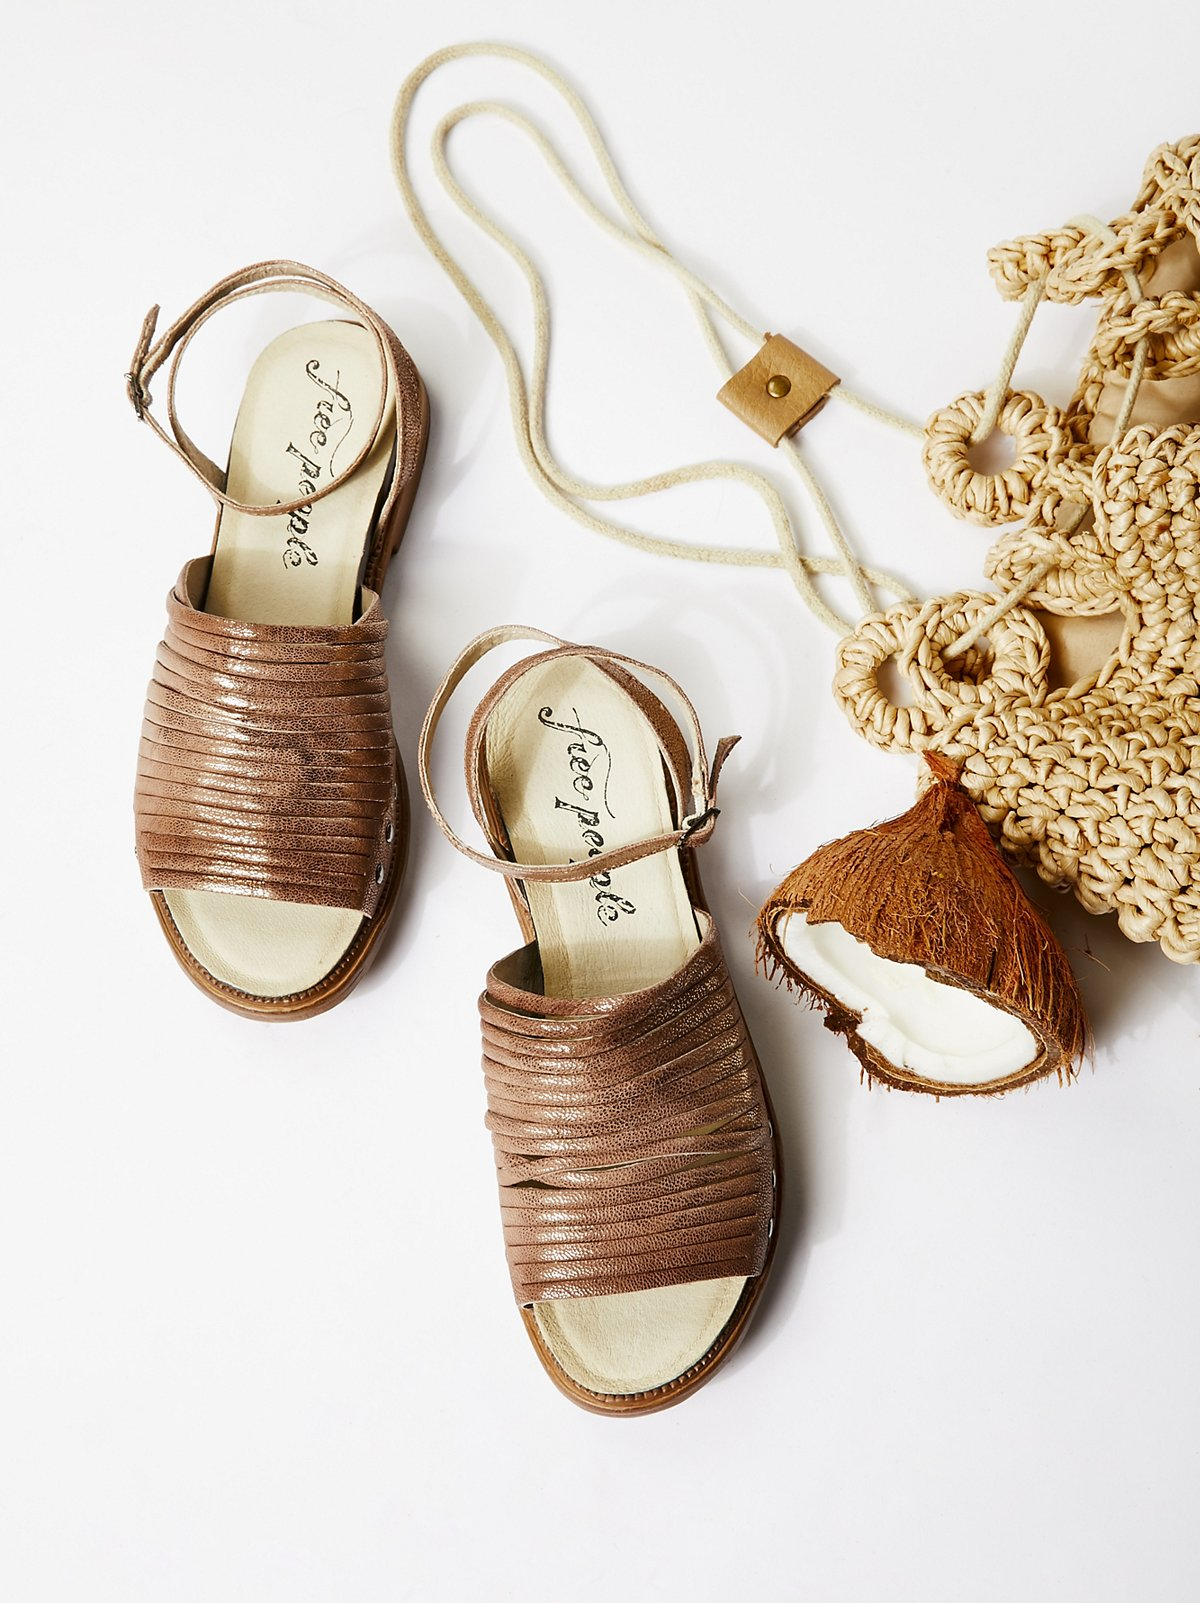 Pacific Coast凉鞋